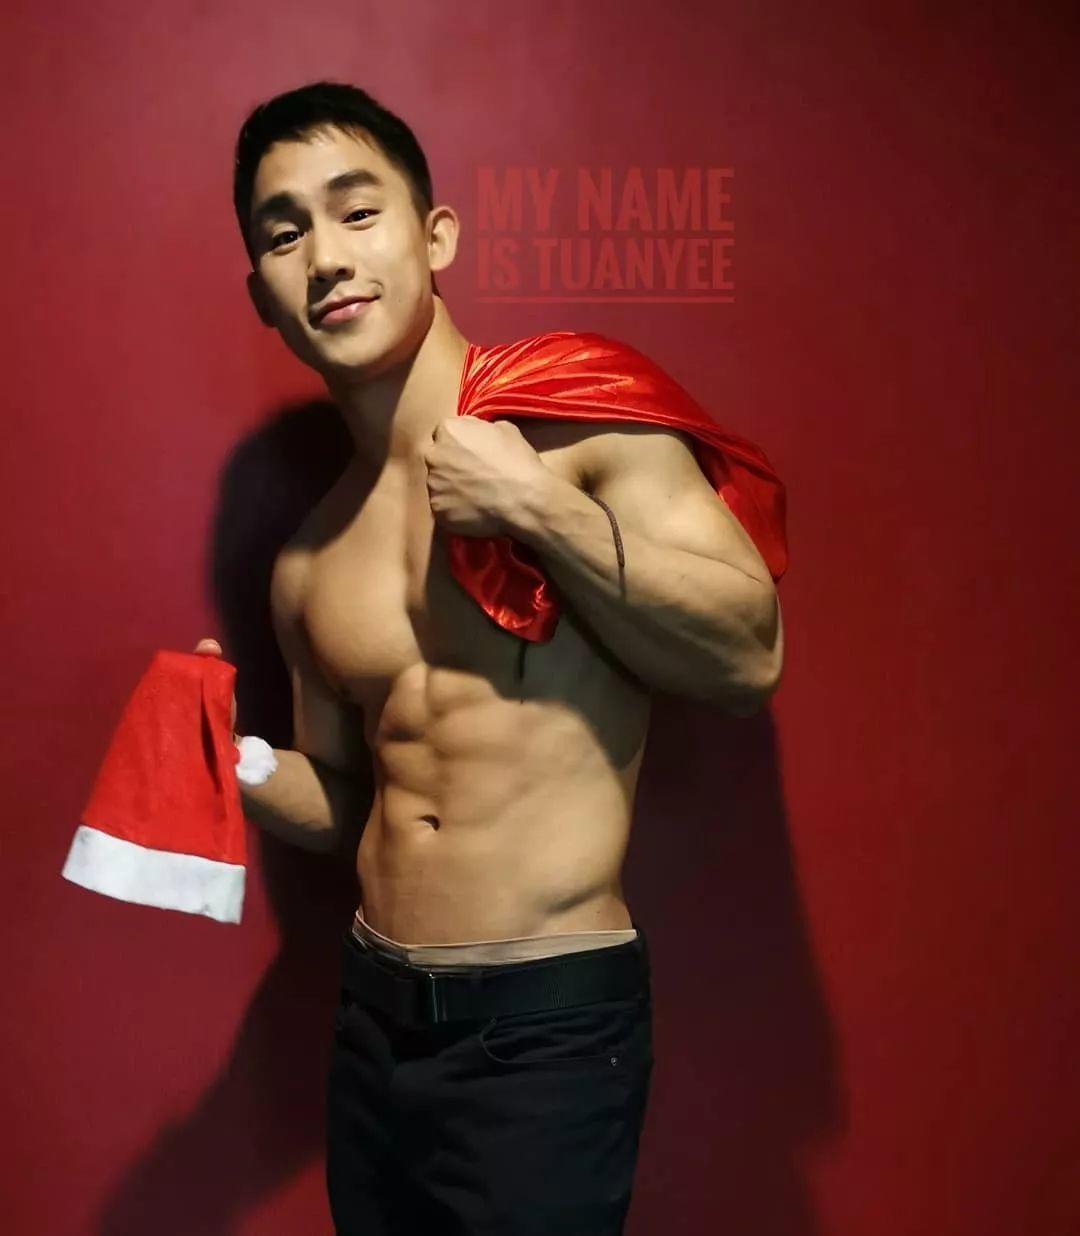 红裤衩红袜子……这些摄影师男模们可真慷慨,快收图!